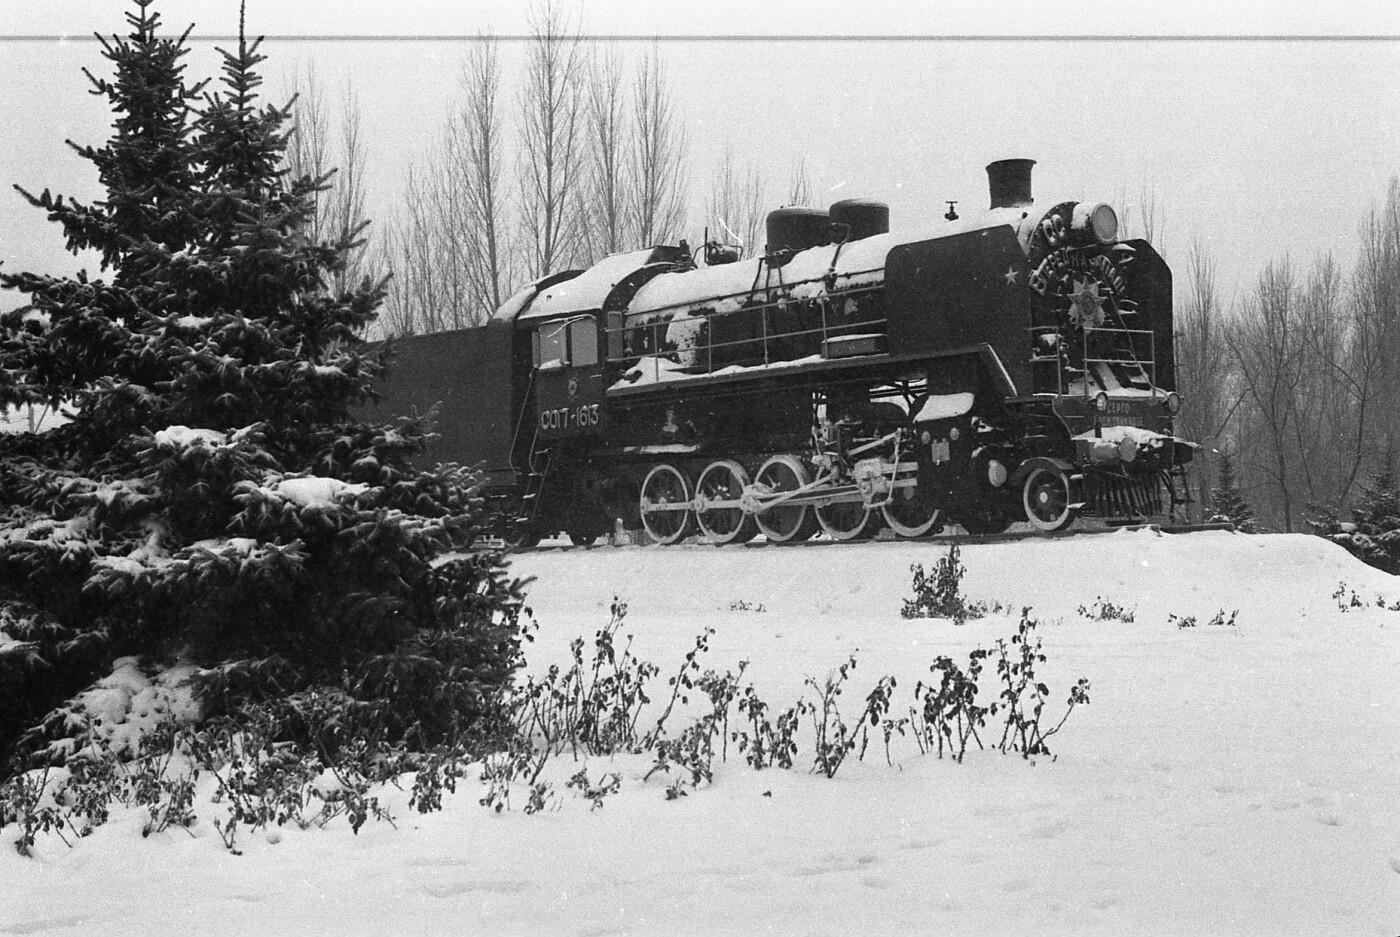 Жилмассив Северный в Днепре: как он выглядел в XX веке и сейчас, - ФОТО, фото-3